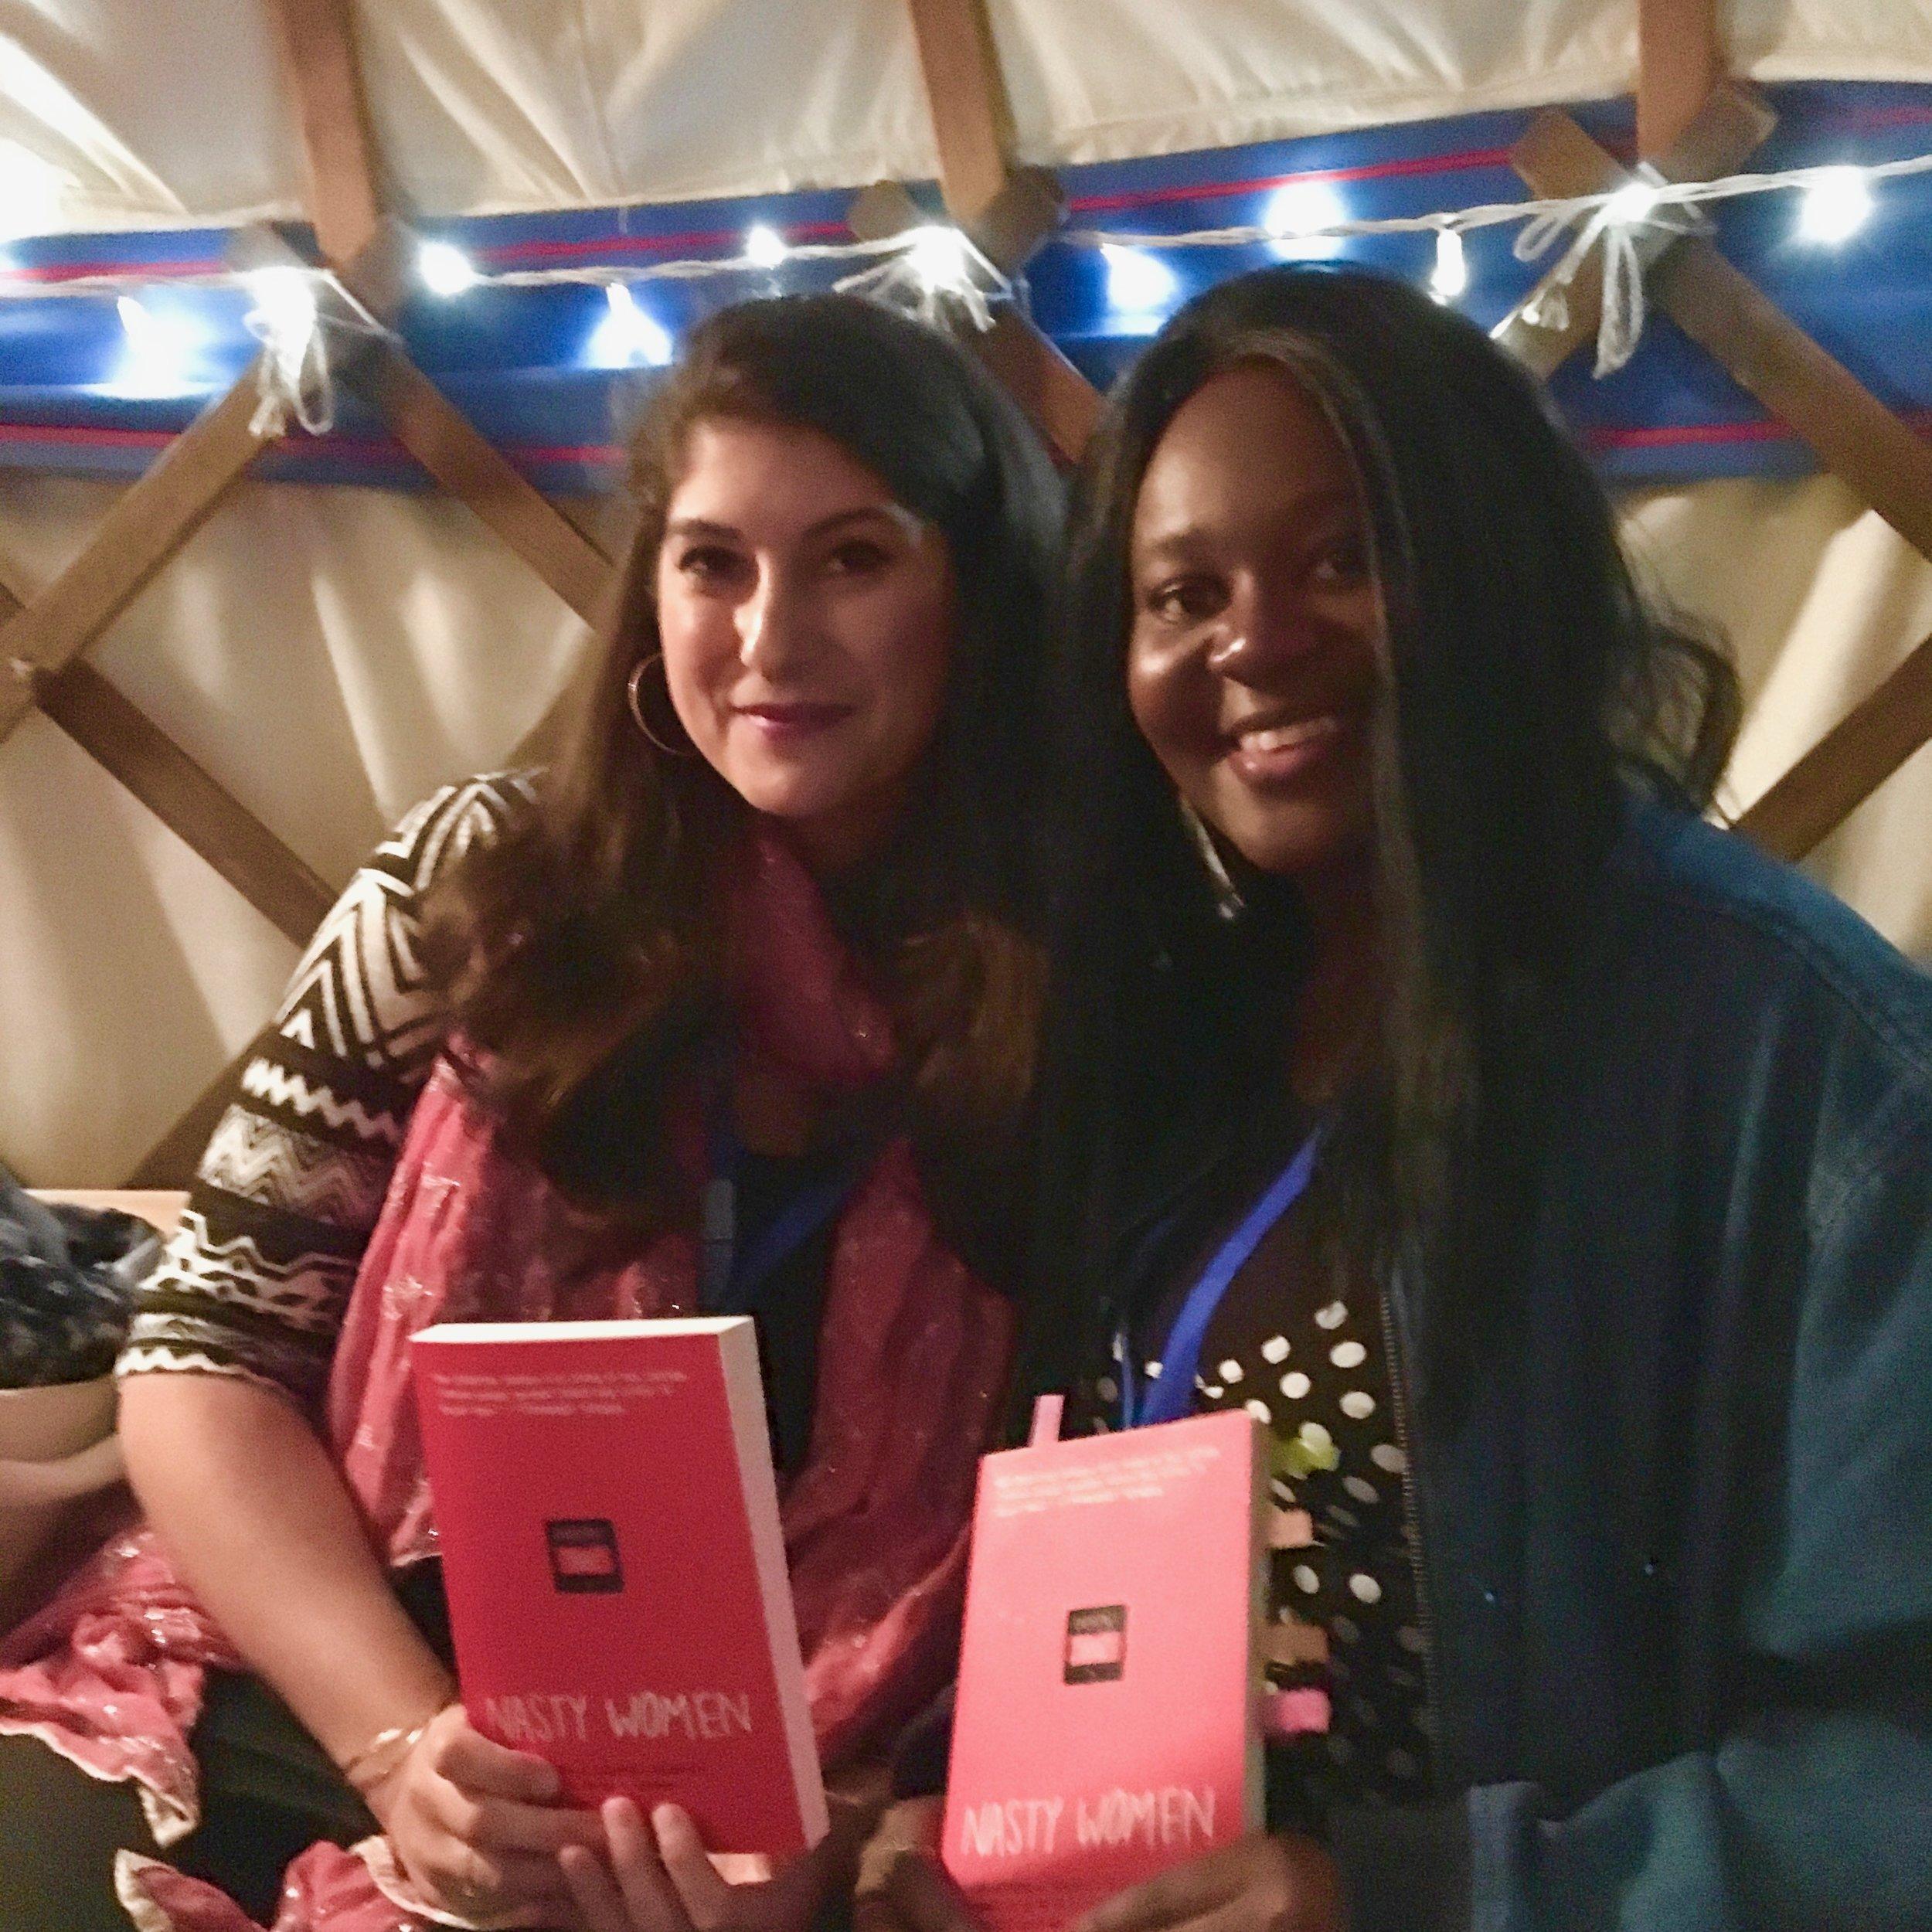 Nadine and Joelle